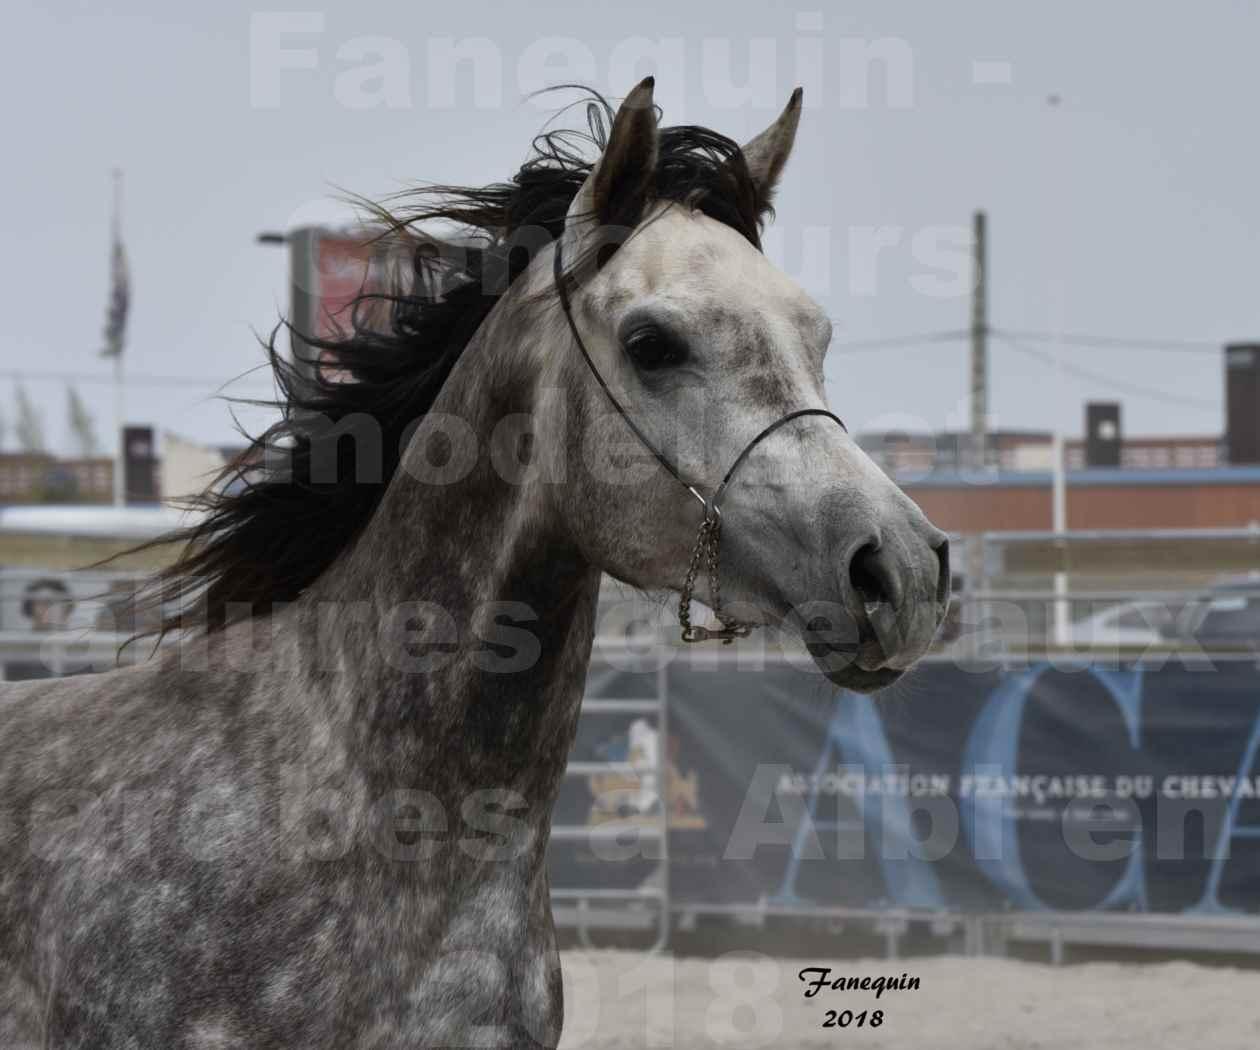 Concours d'élevage de Chevaux Arabes - Demi Sang Arabes - Anglo Arabes - ALBI les 6 & 7 Avril 2018 - PERCEVAL DE LAFON - Notre Sélection - Portraits - 07